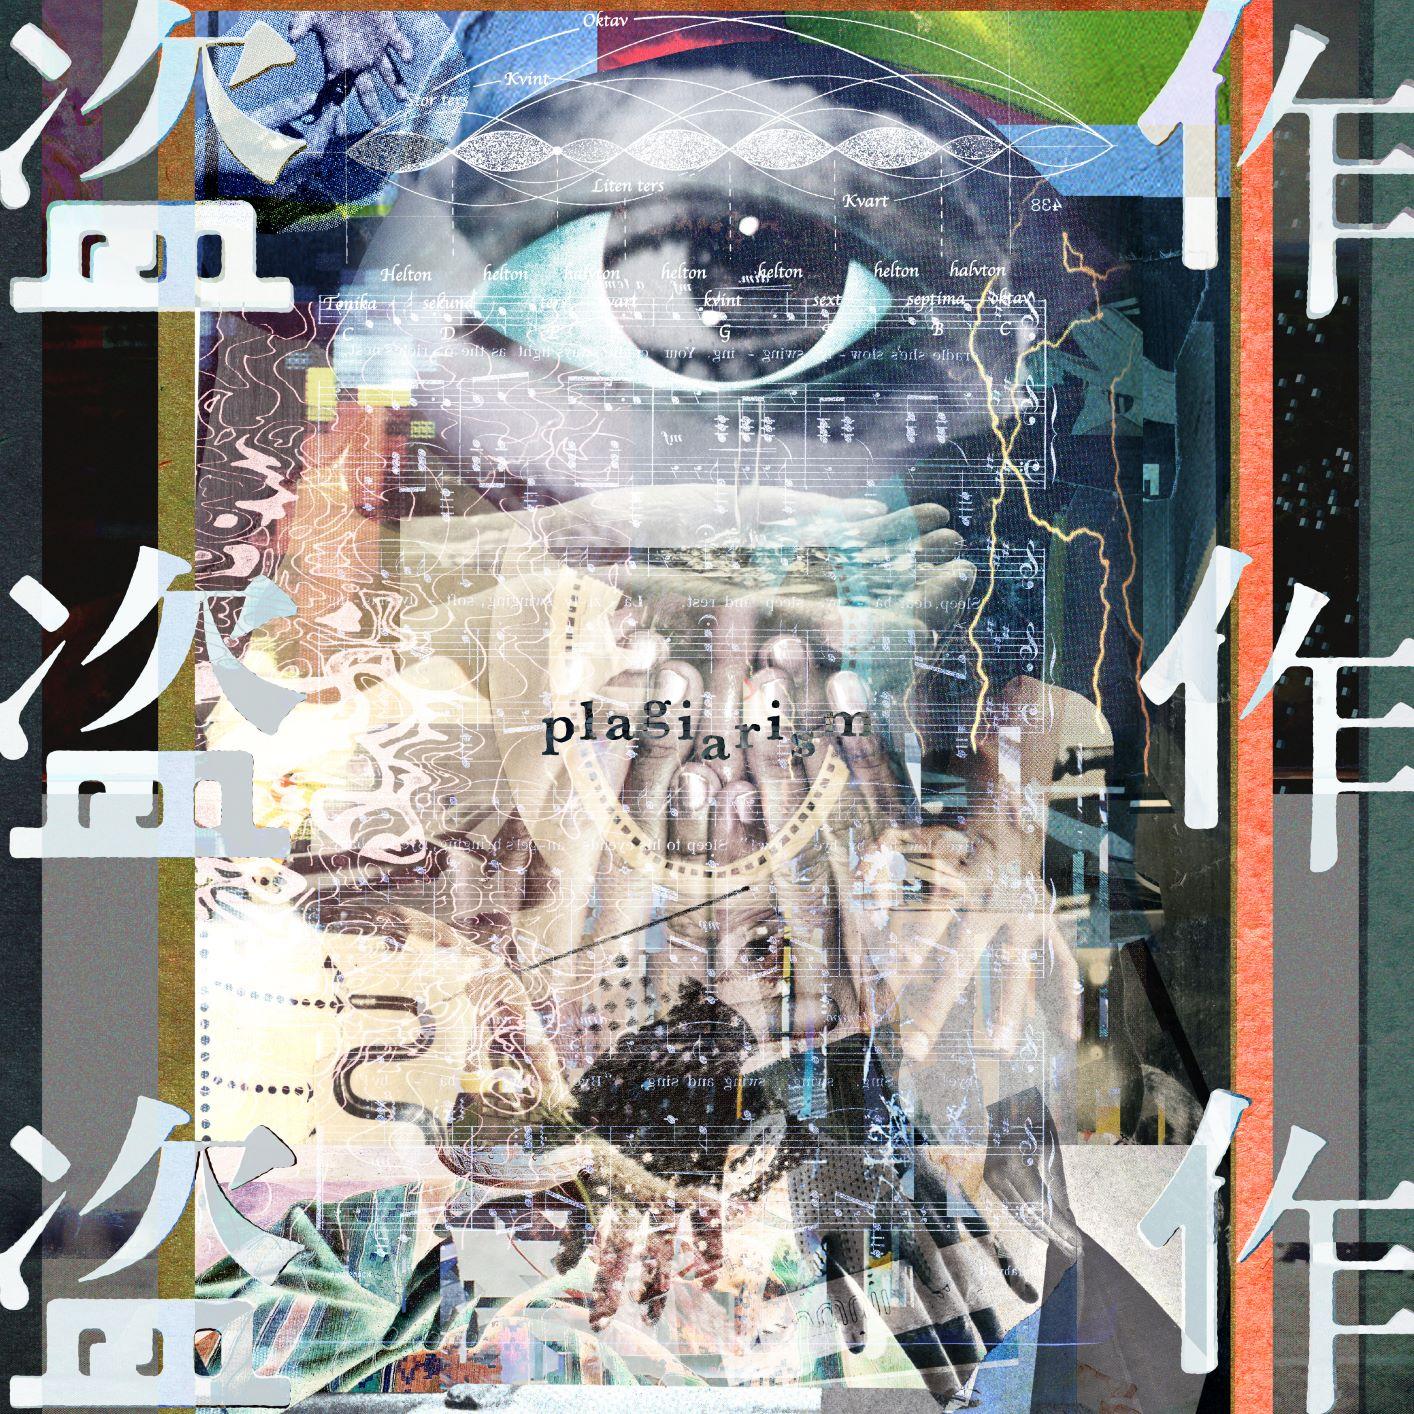 ヨルシカ最新アルバム『盗作』、チャートアクション好調&配信8サイト18冠達成